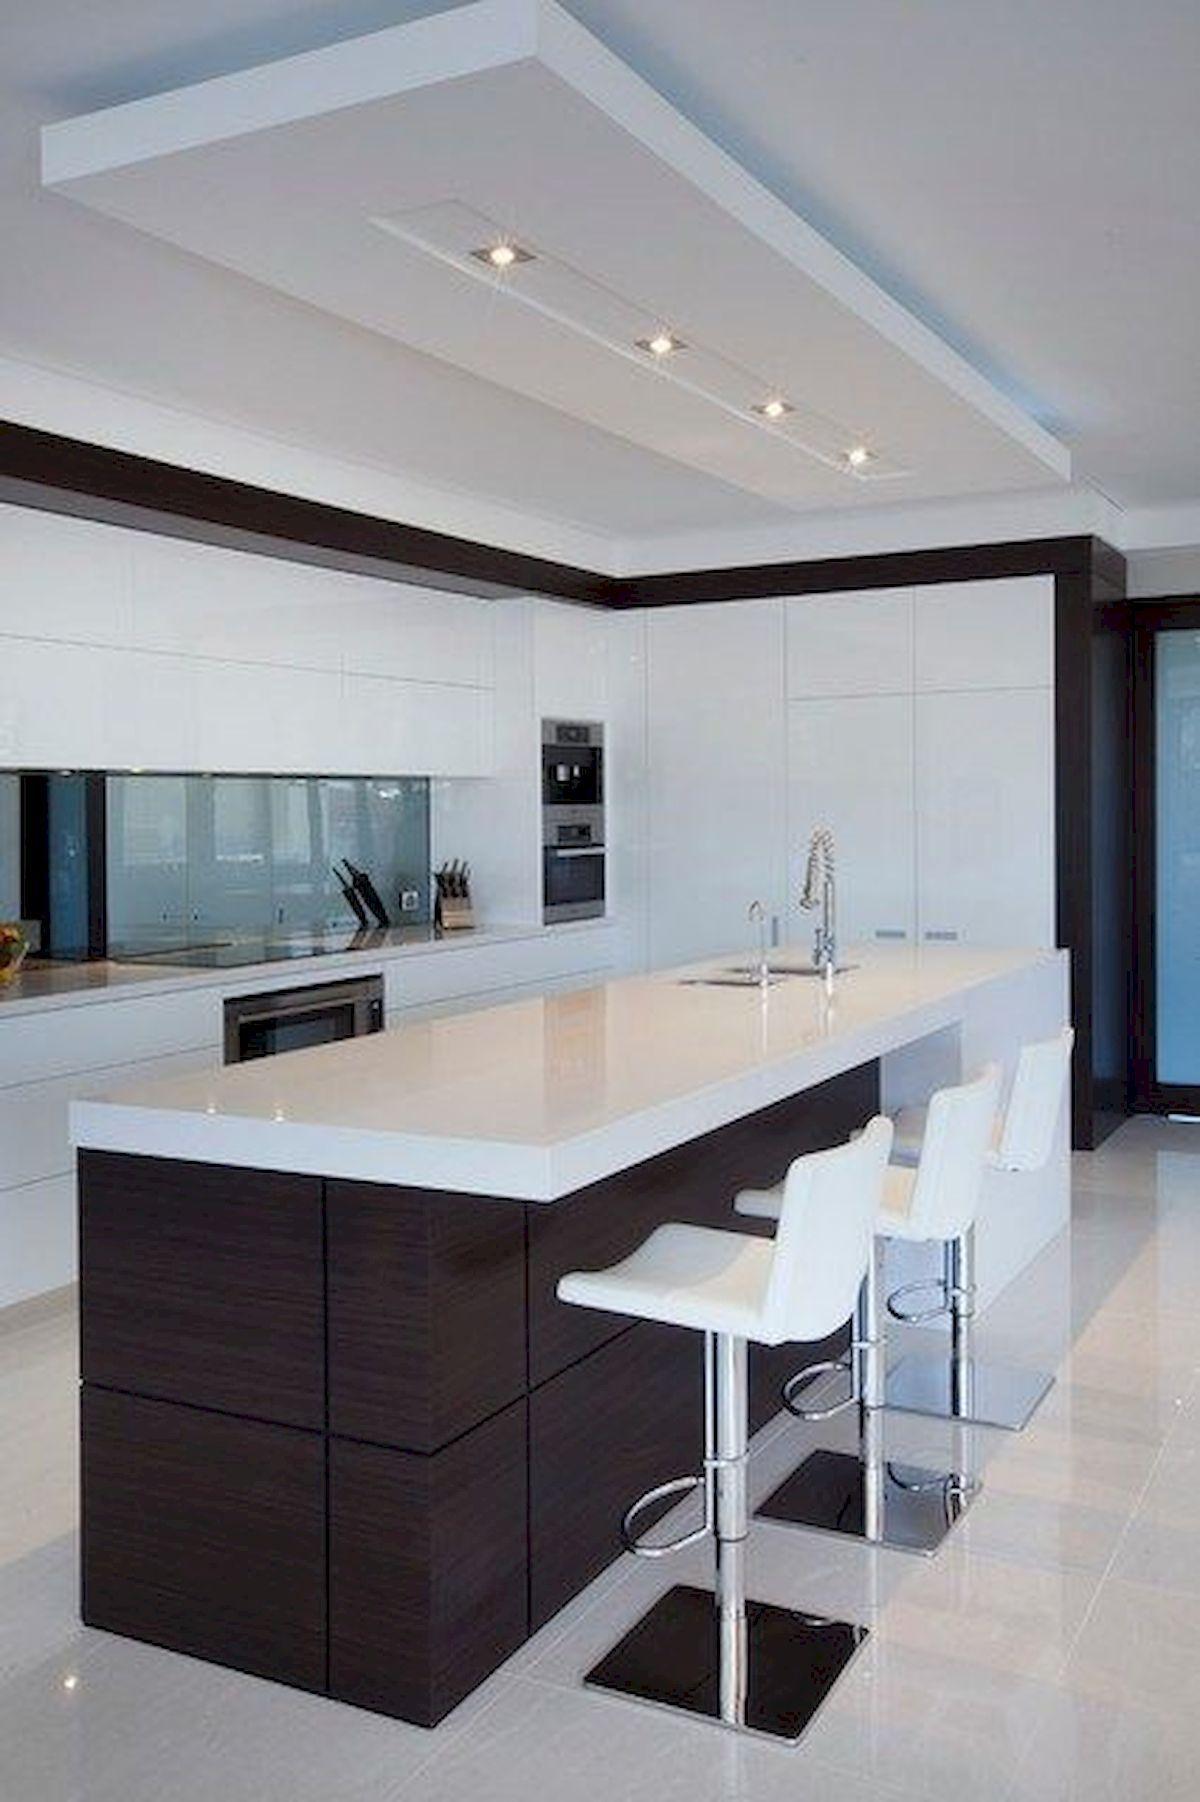 Die 20 Besten Ideen Fur Die Moderne Kuche Design Am Besten Zu Hause Ideen Un Besten In 2020 Modern Kitchen Design Interior Design Kitchen Contemporary Kitchen